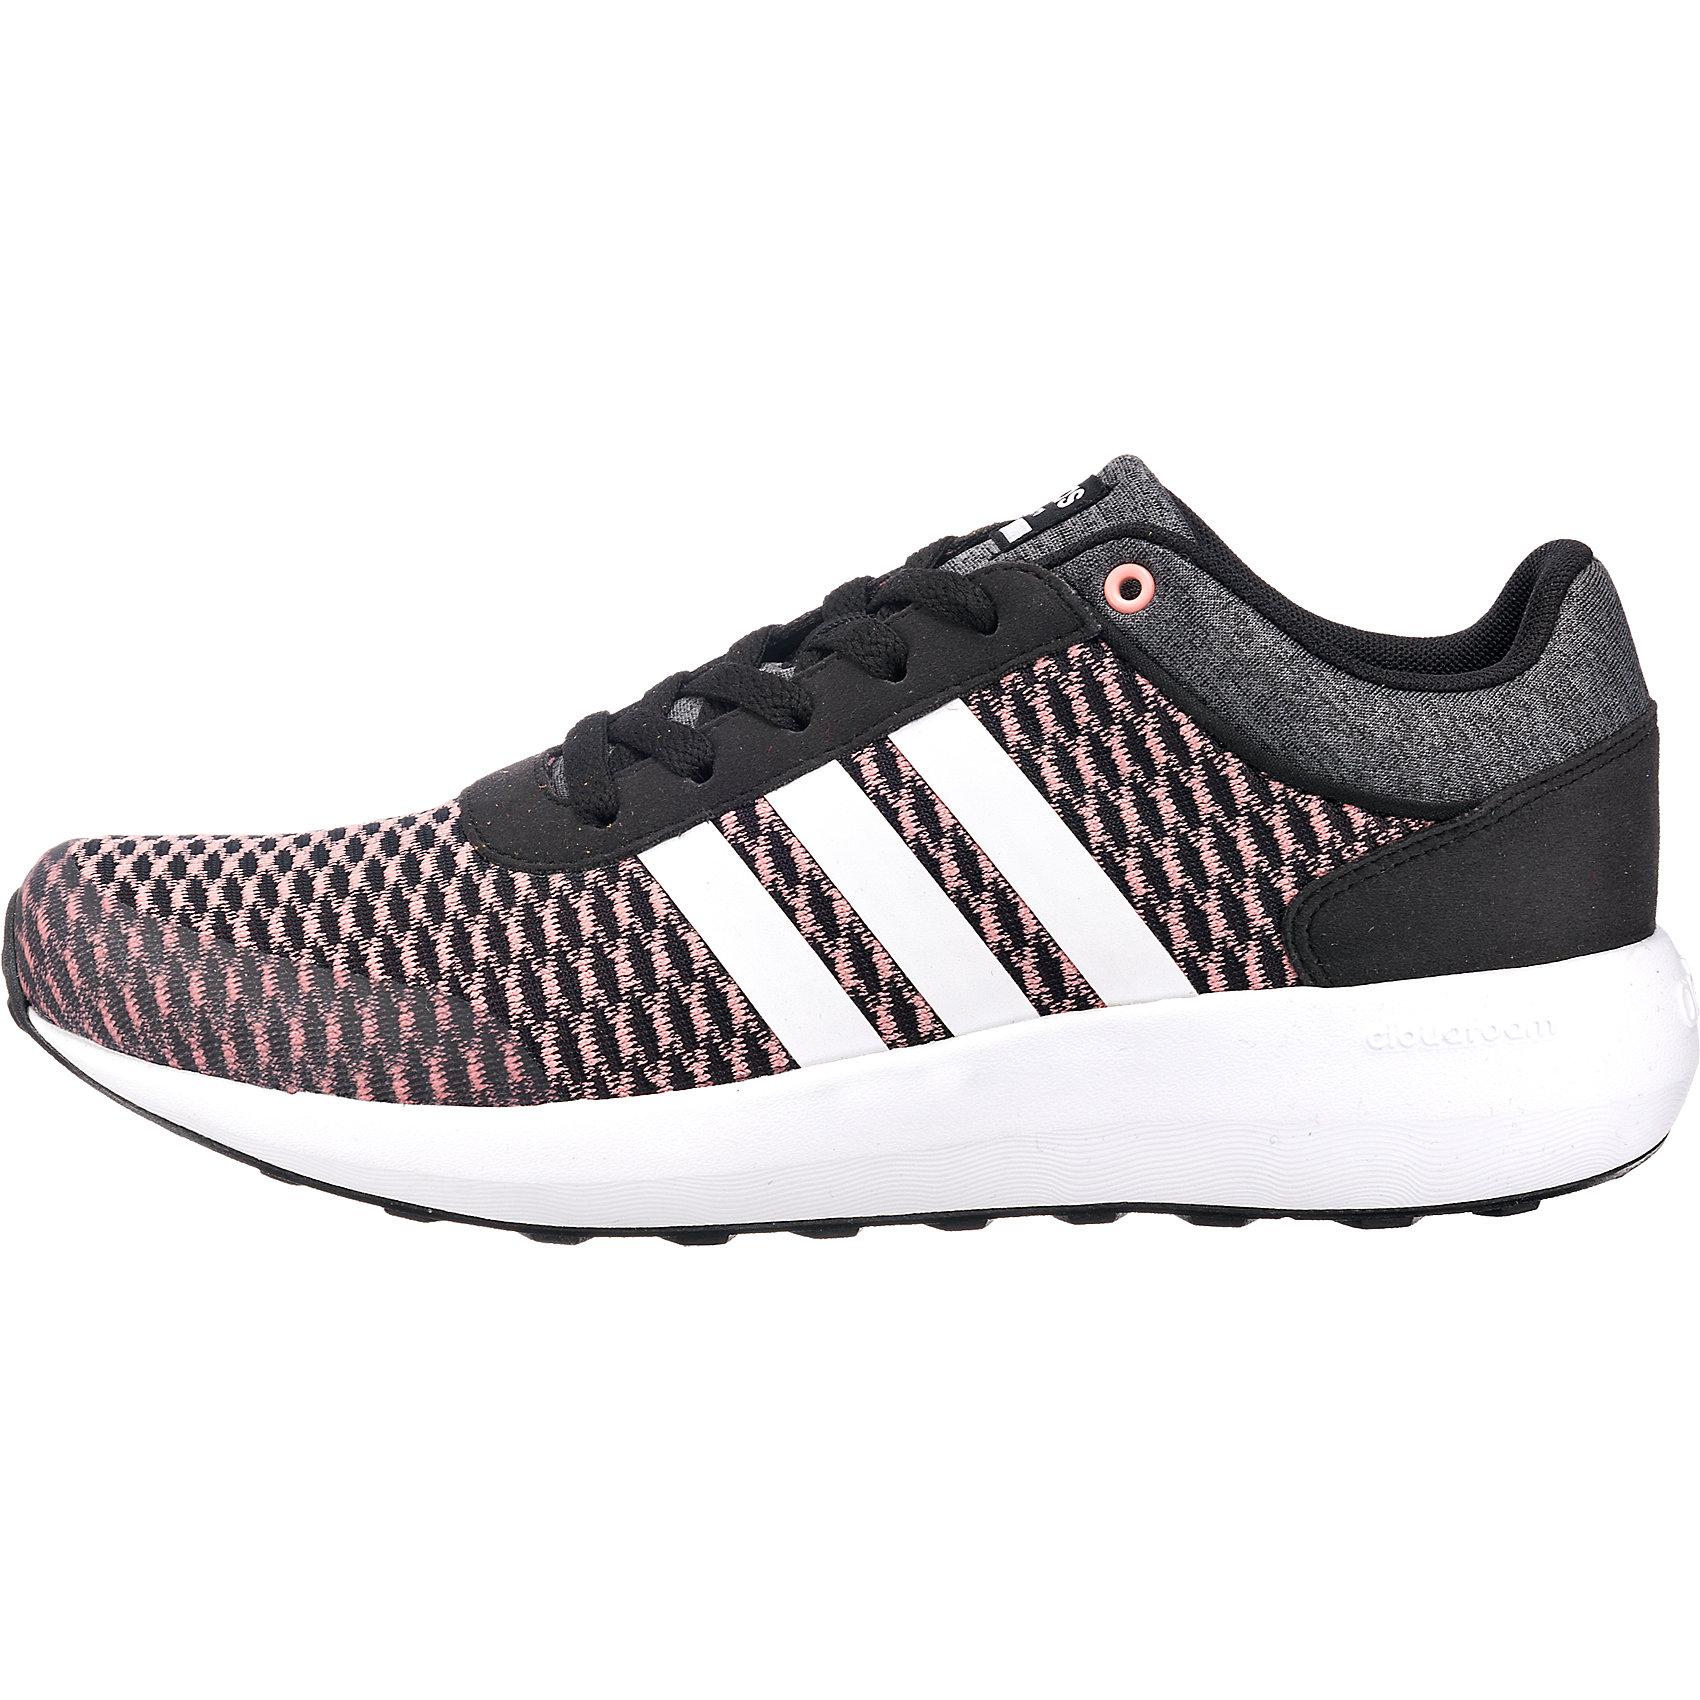 best sneakers 776df 17ddb ... Nike Magista Onda II DF DF DF FG Men s Soccer Cleats Style 917787-414  6fe774 ...